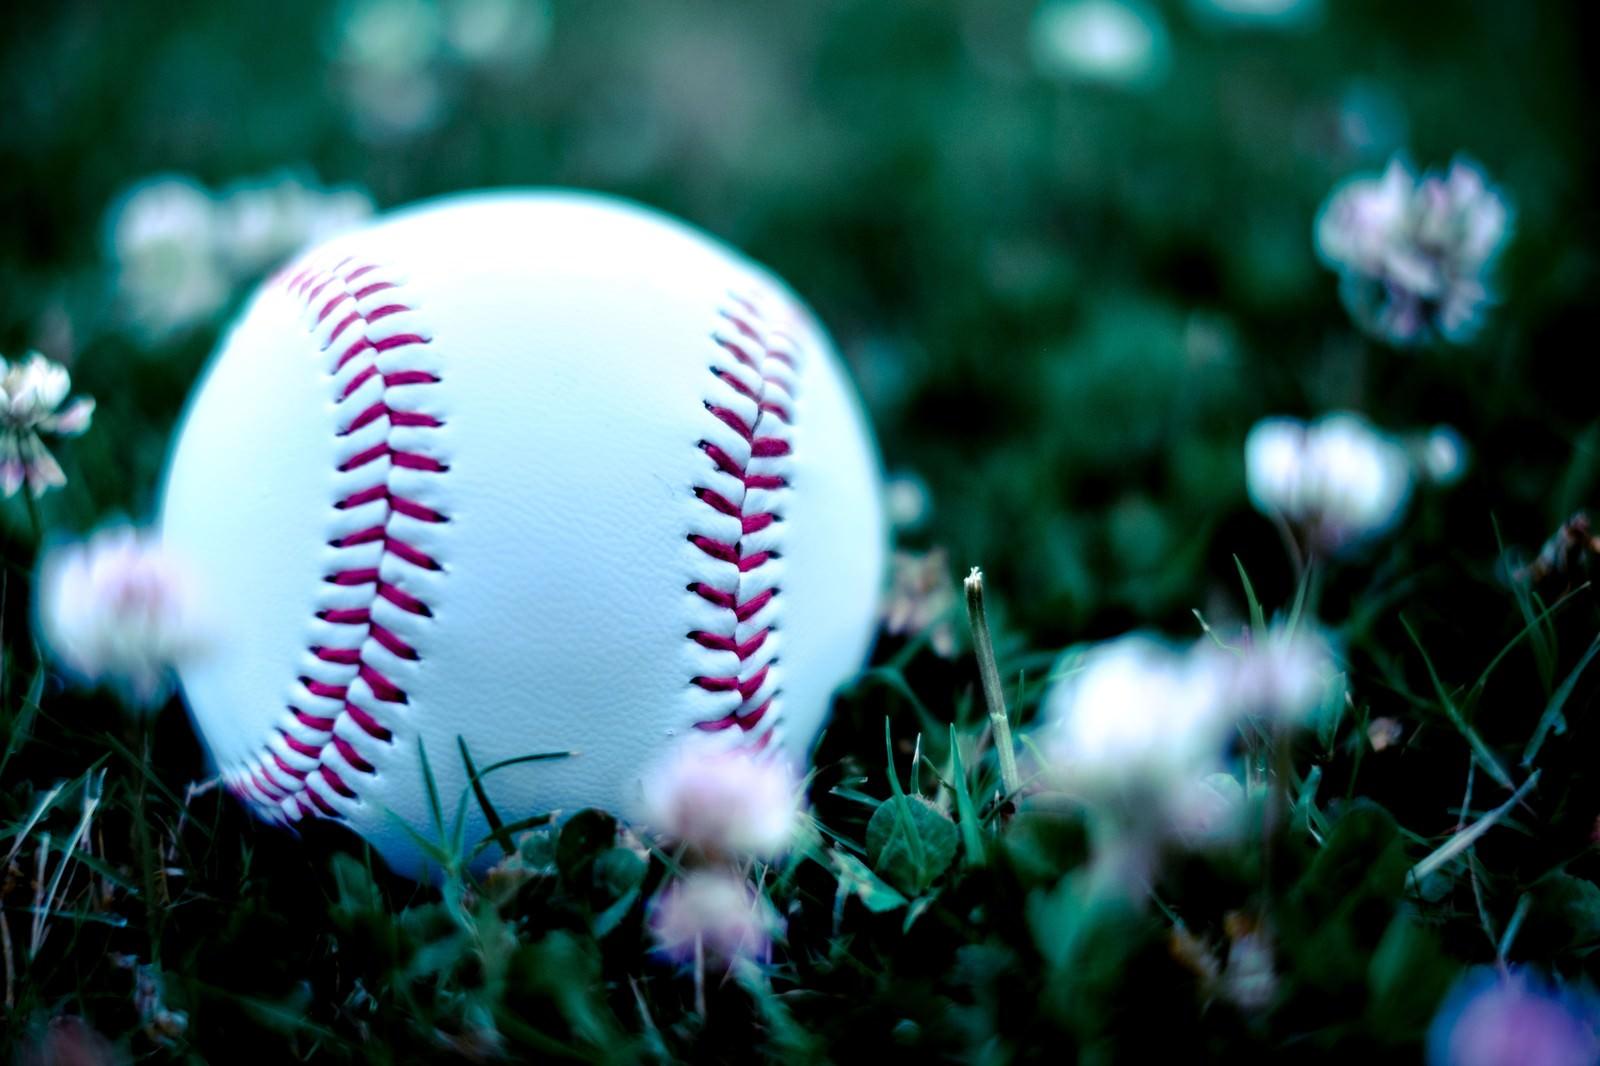 「外野に転がった硬球」